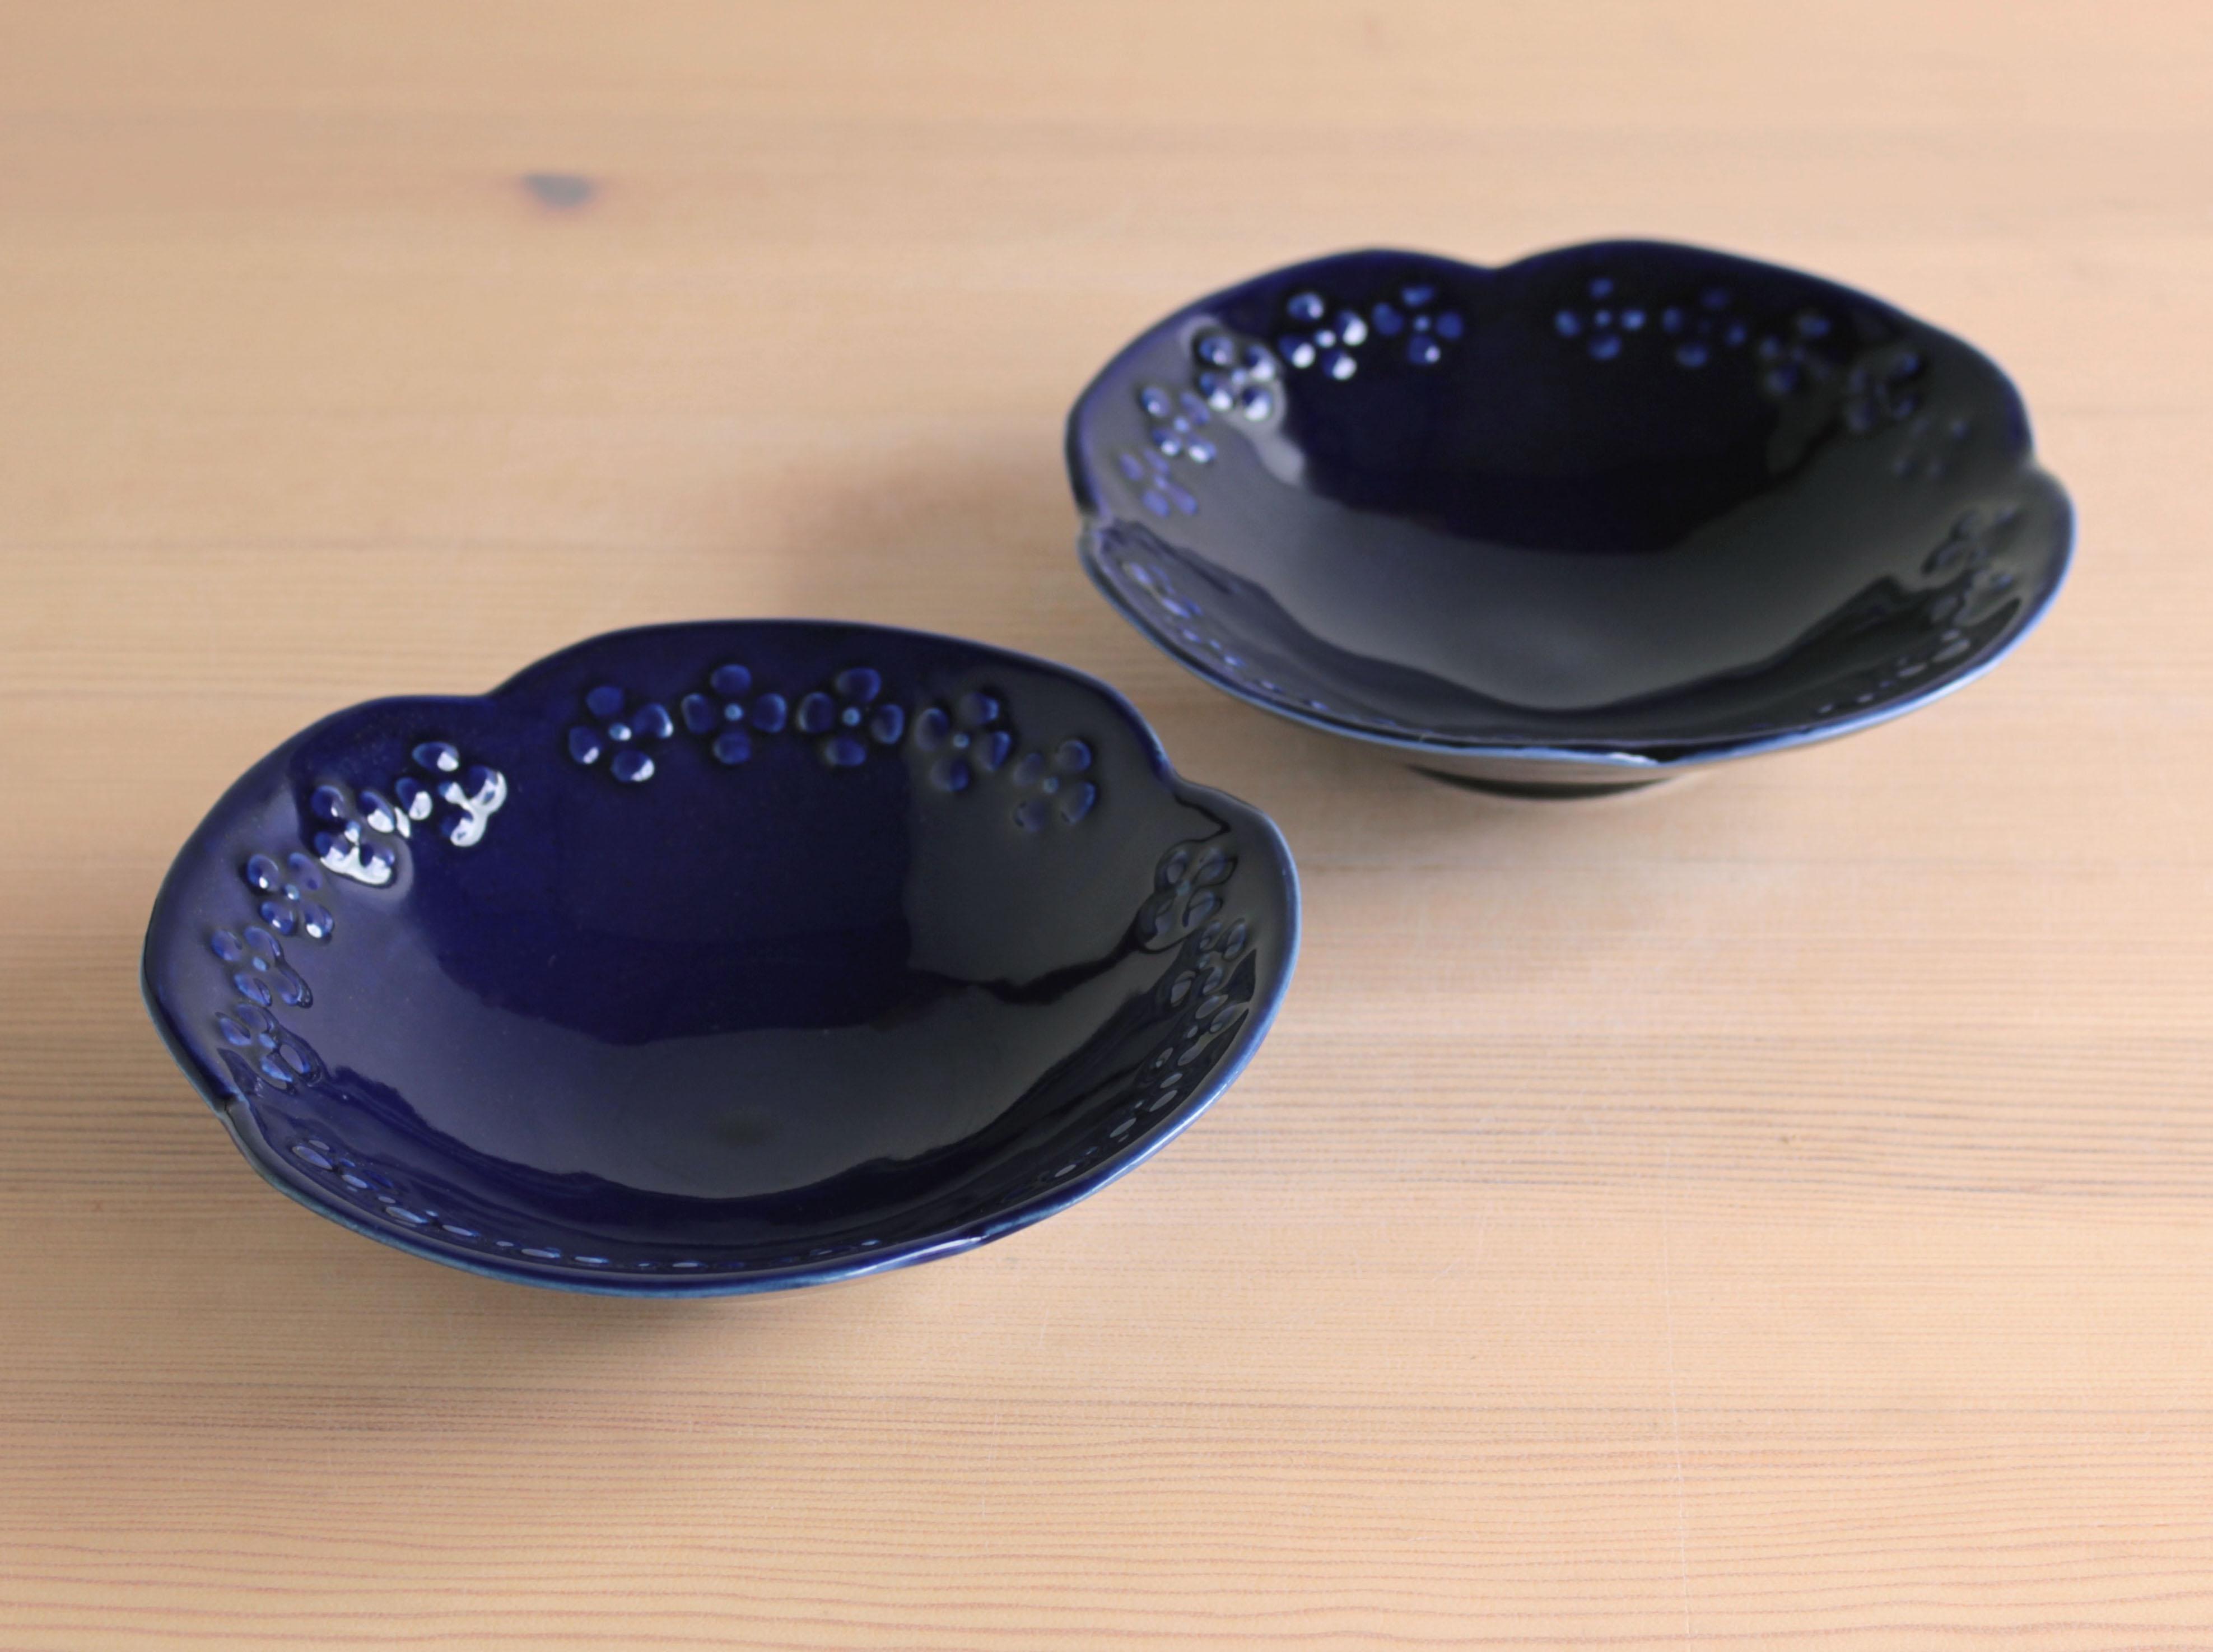 大塚温子 ルリレリーフ鉢(大)